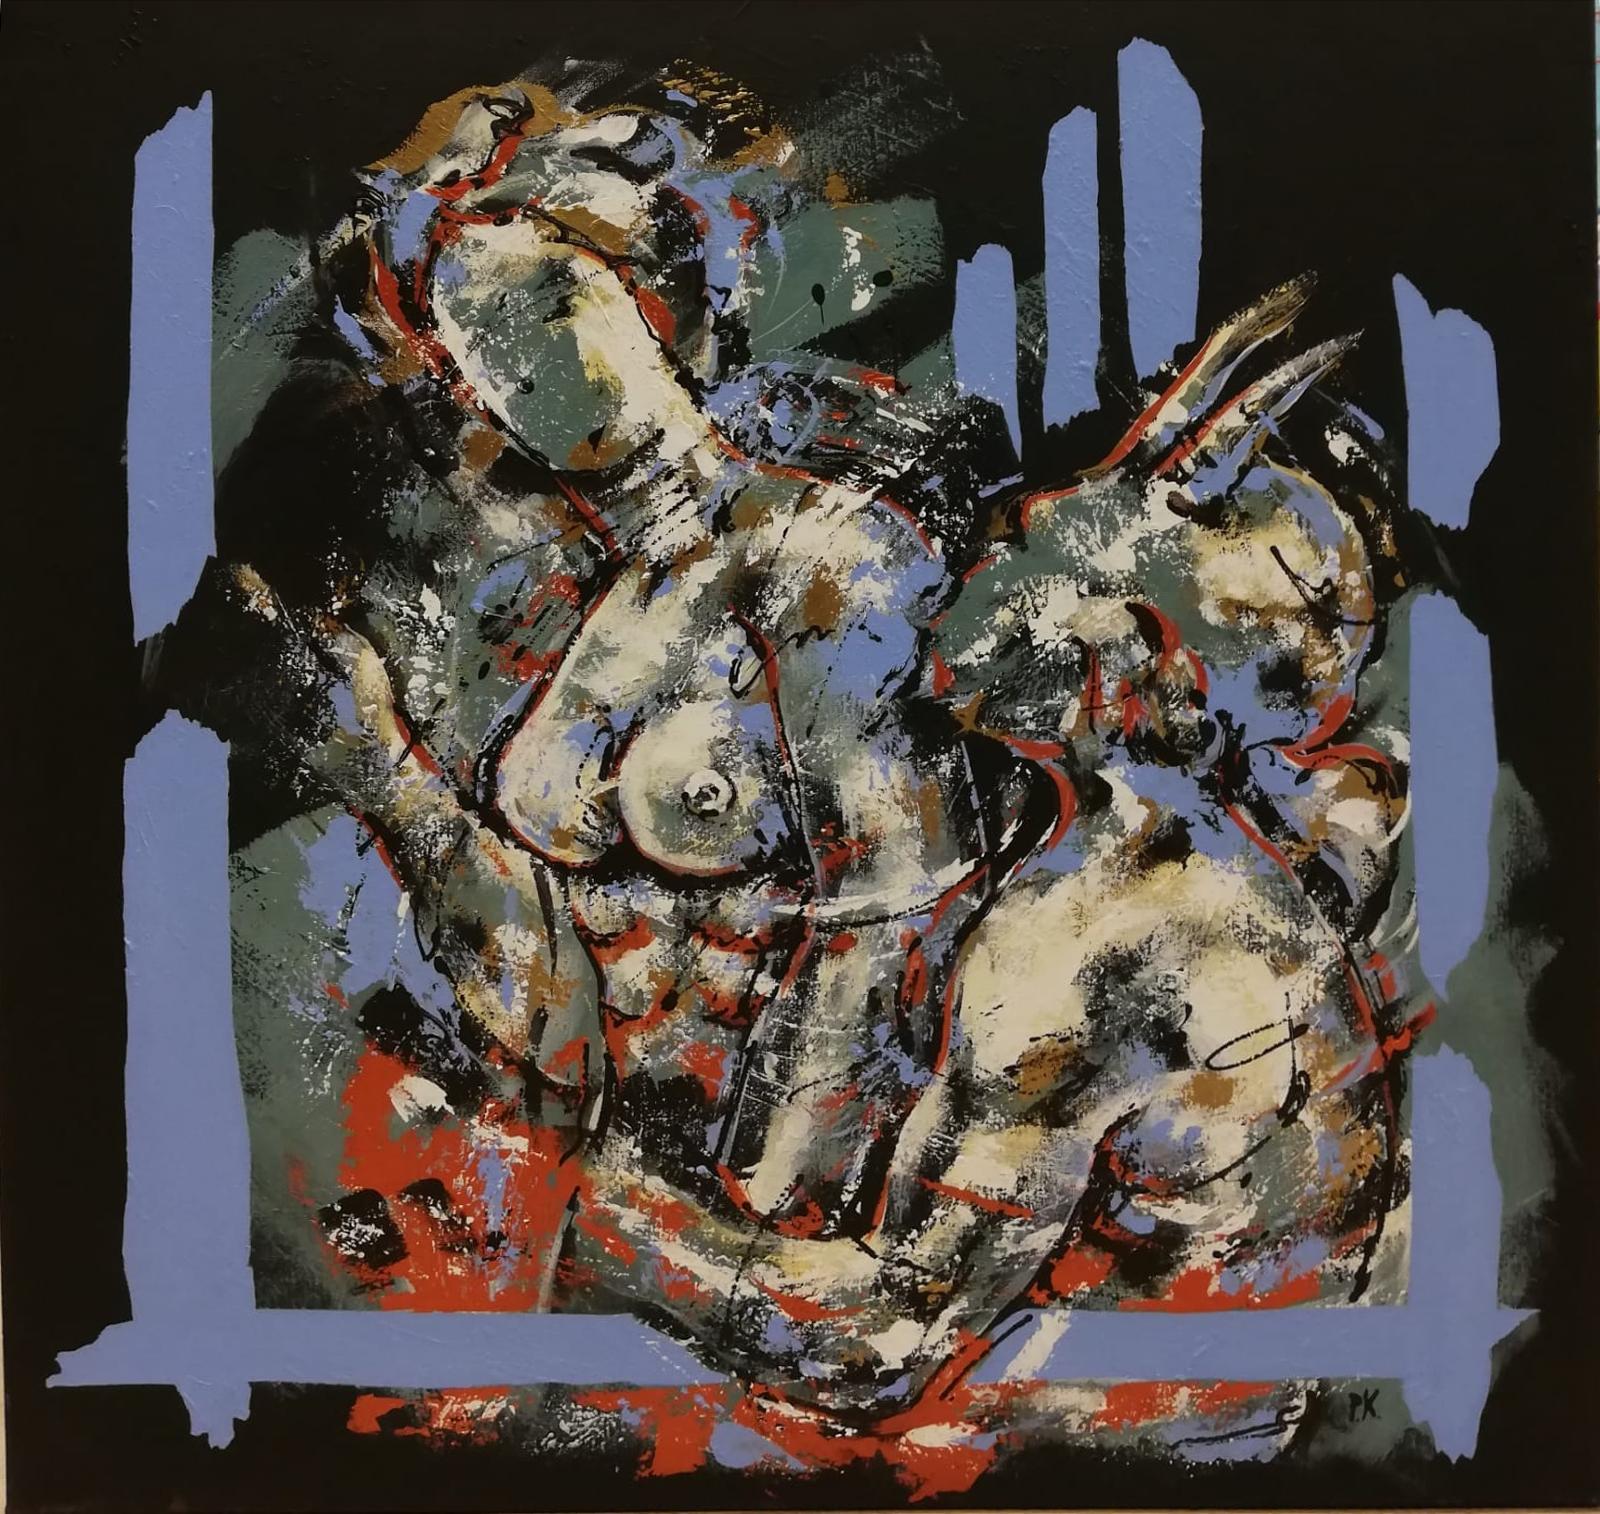 Kunstwerk Pan schldeirj Piet kouwenhoven PK02-18